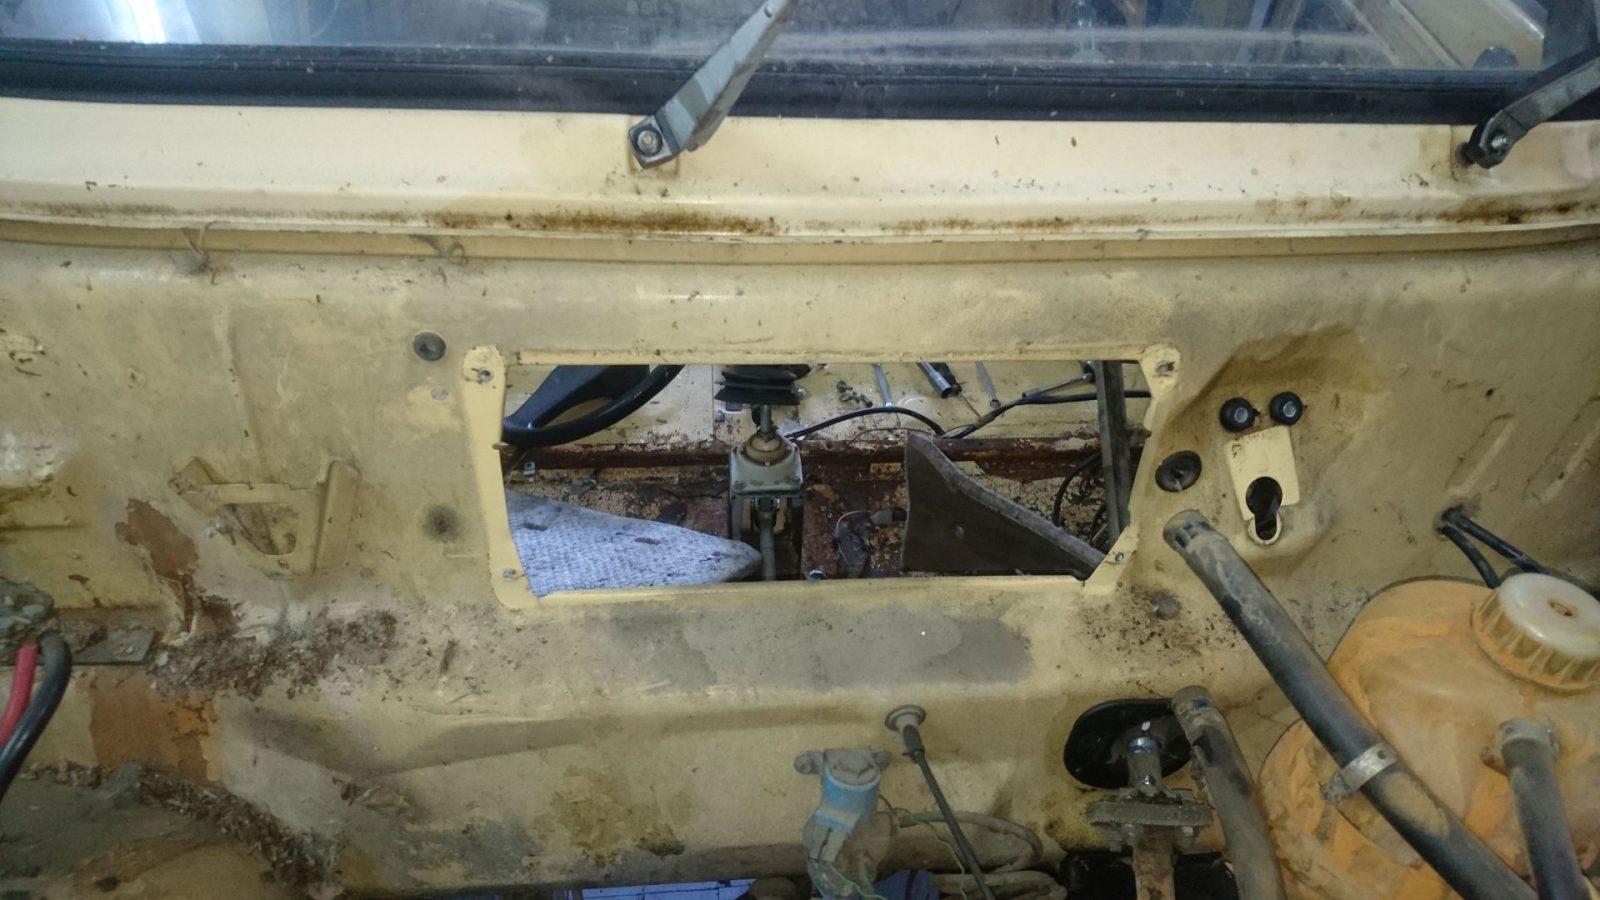 Ansicht vom Motorraum aus ohne Heizregister und Scheibenwischermotor.